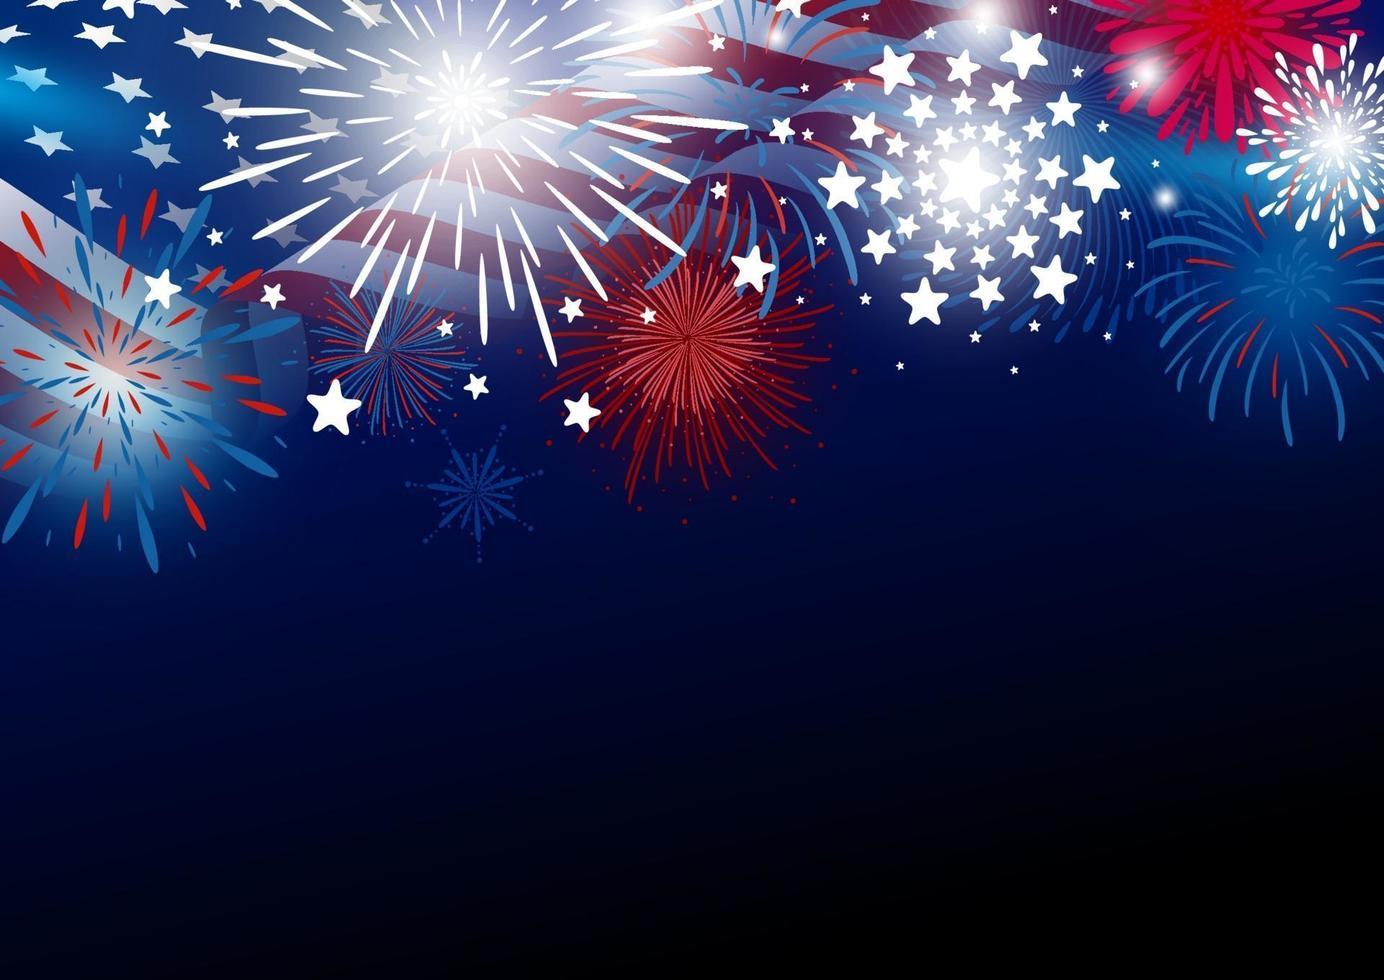 Estados Unidos 4 de julio diseño del día de la independencia de la bandera americana con fuegos artificiales ilustración vectorial vector